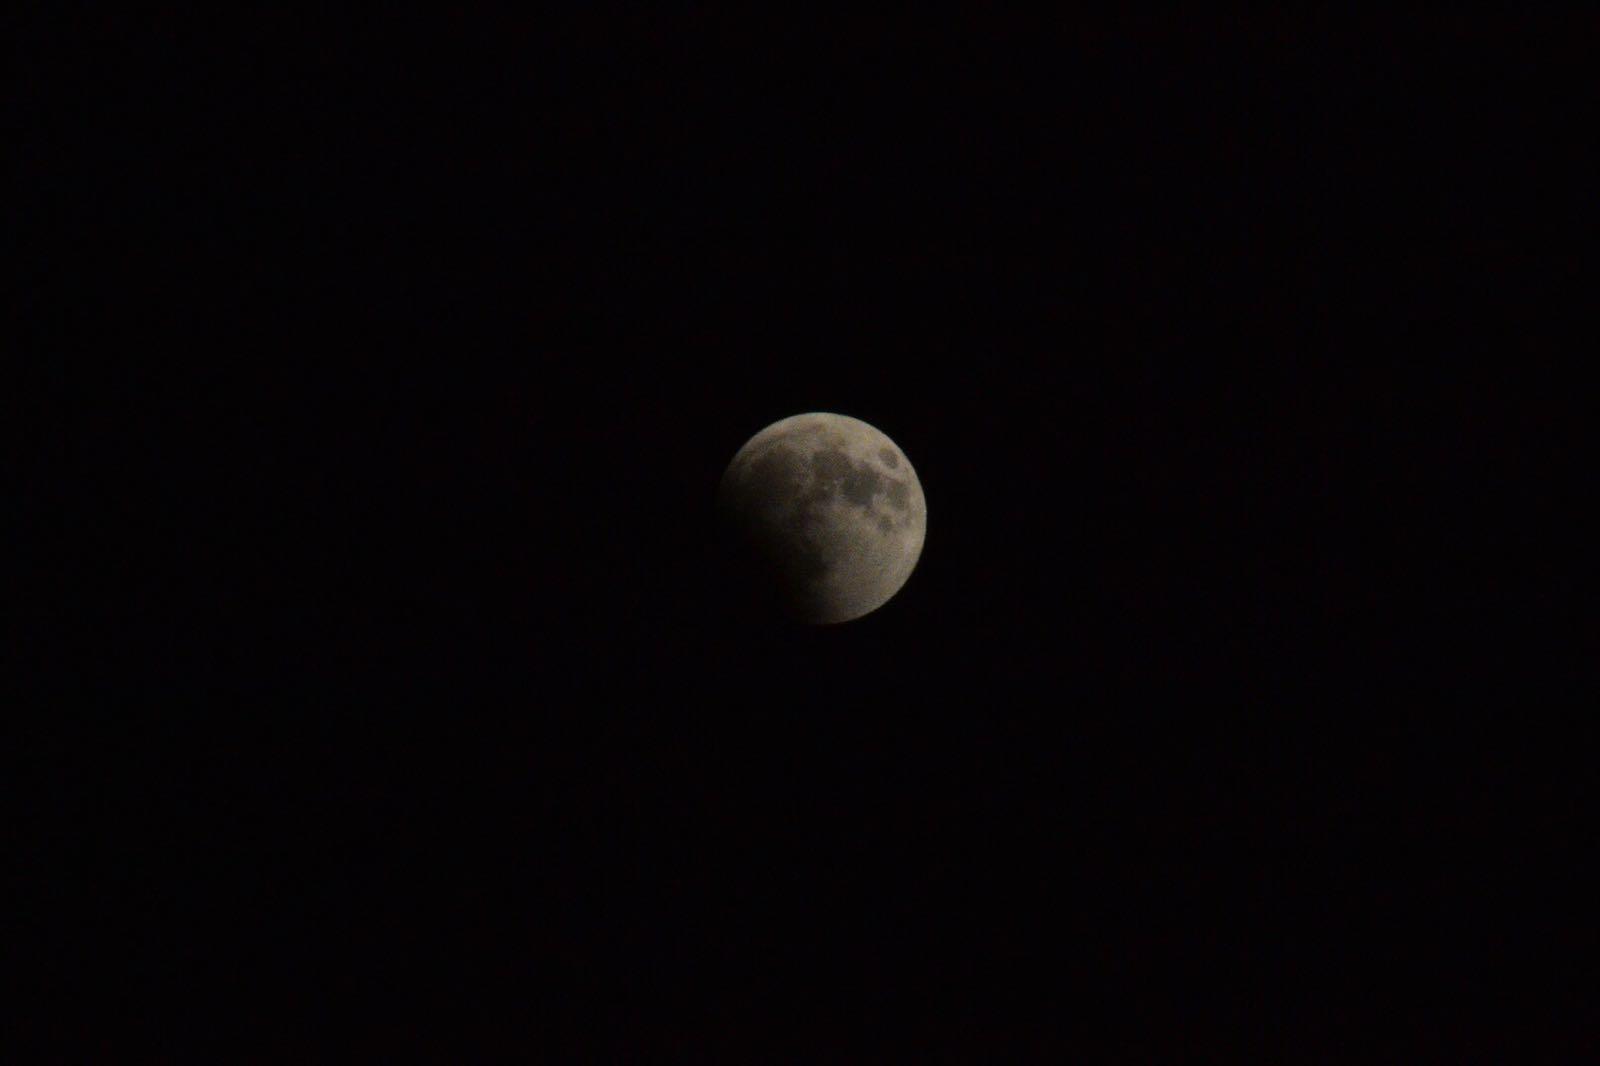 فلسطين تشهد خسوفا كليا للقمر